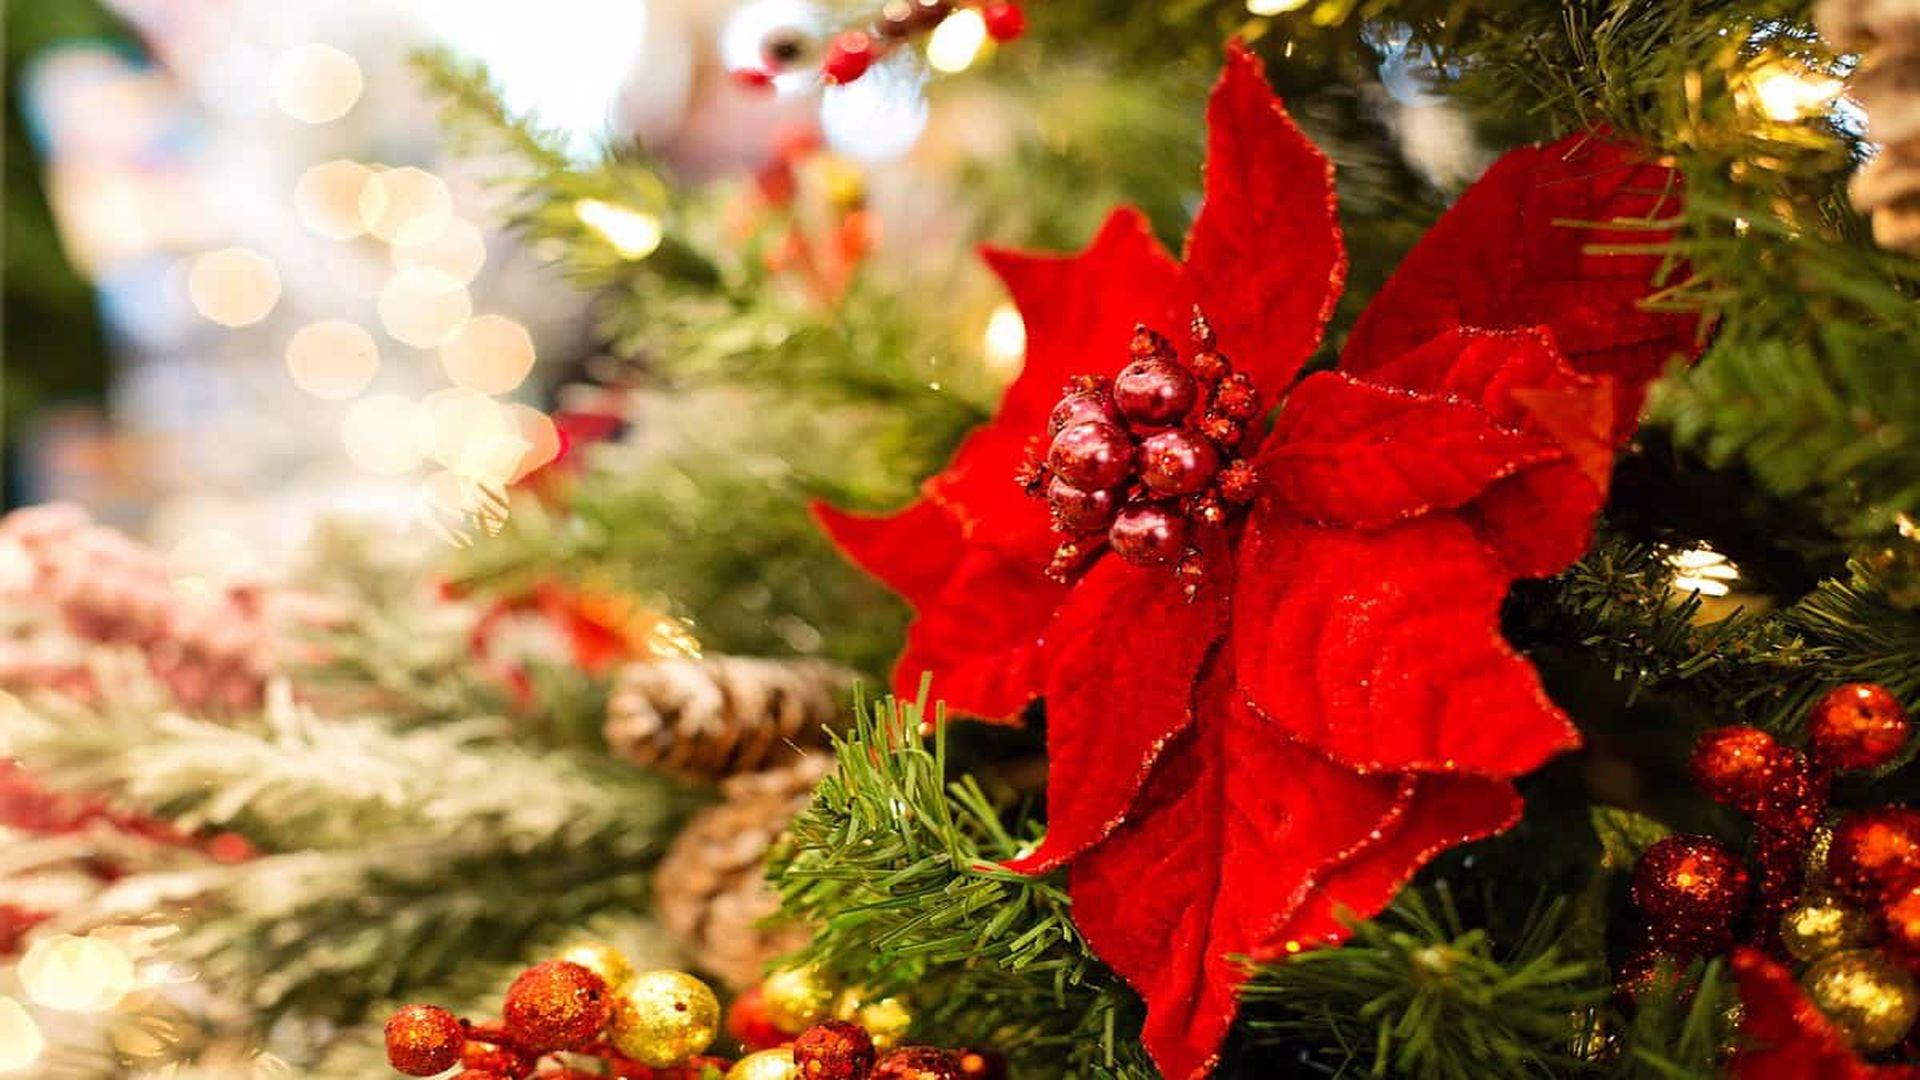 23 decembrie, TRADIŢII în ajunul Ajunului